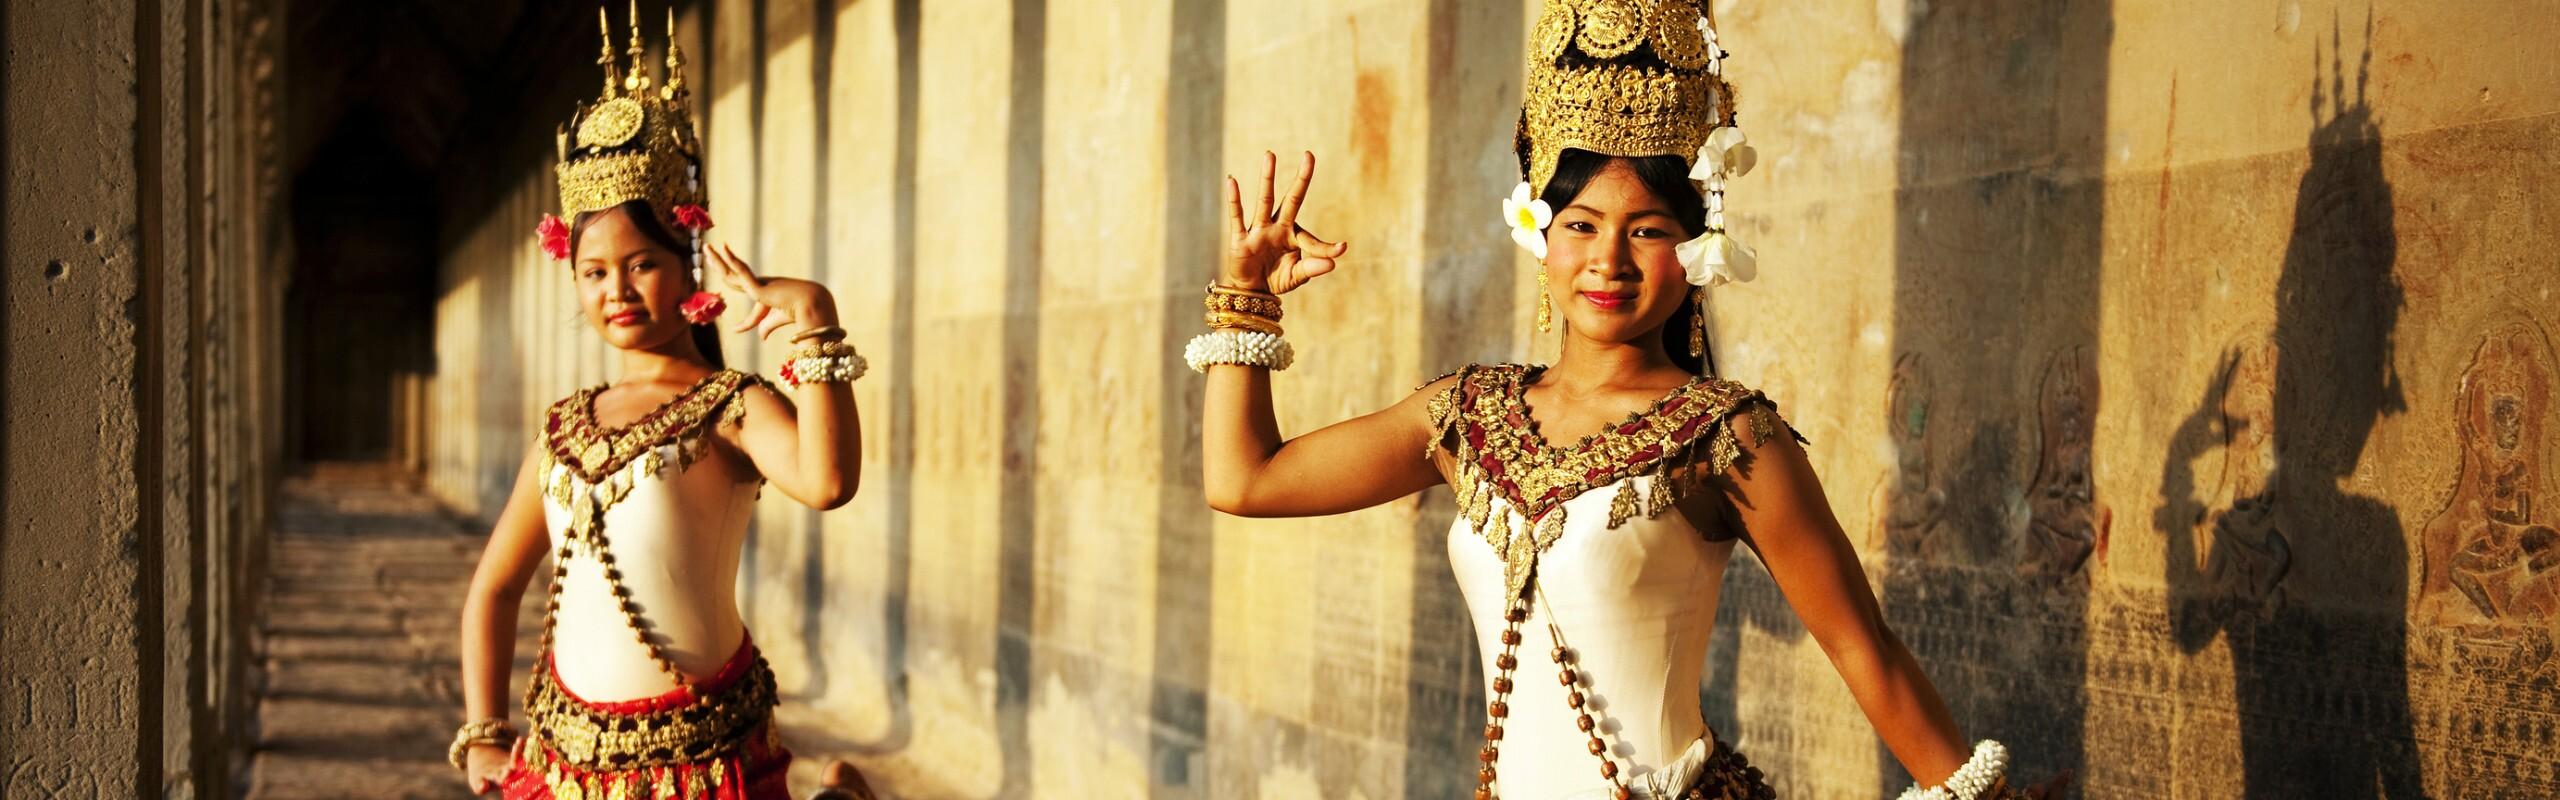 Entertainment in Cambodia